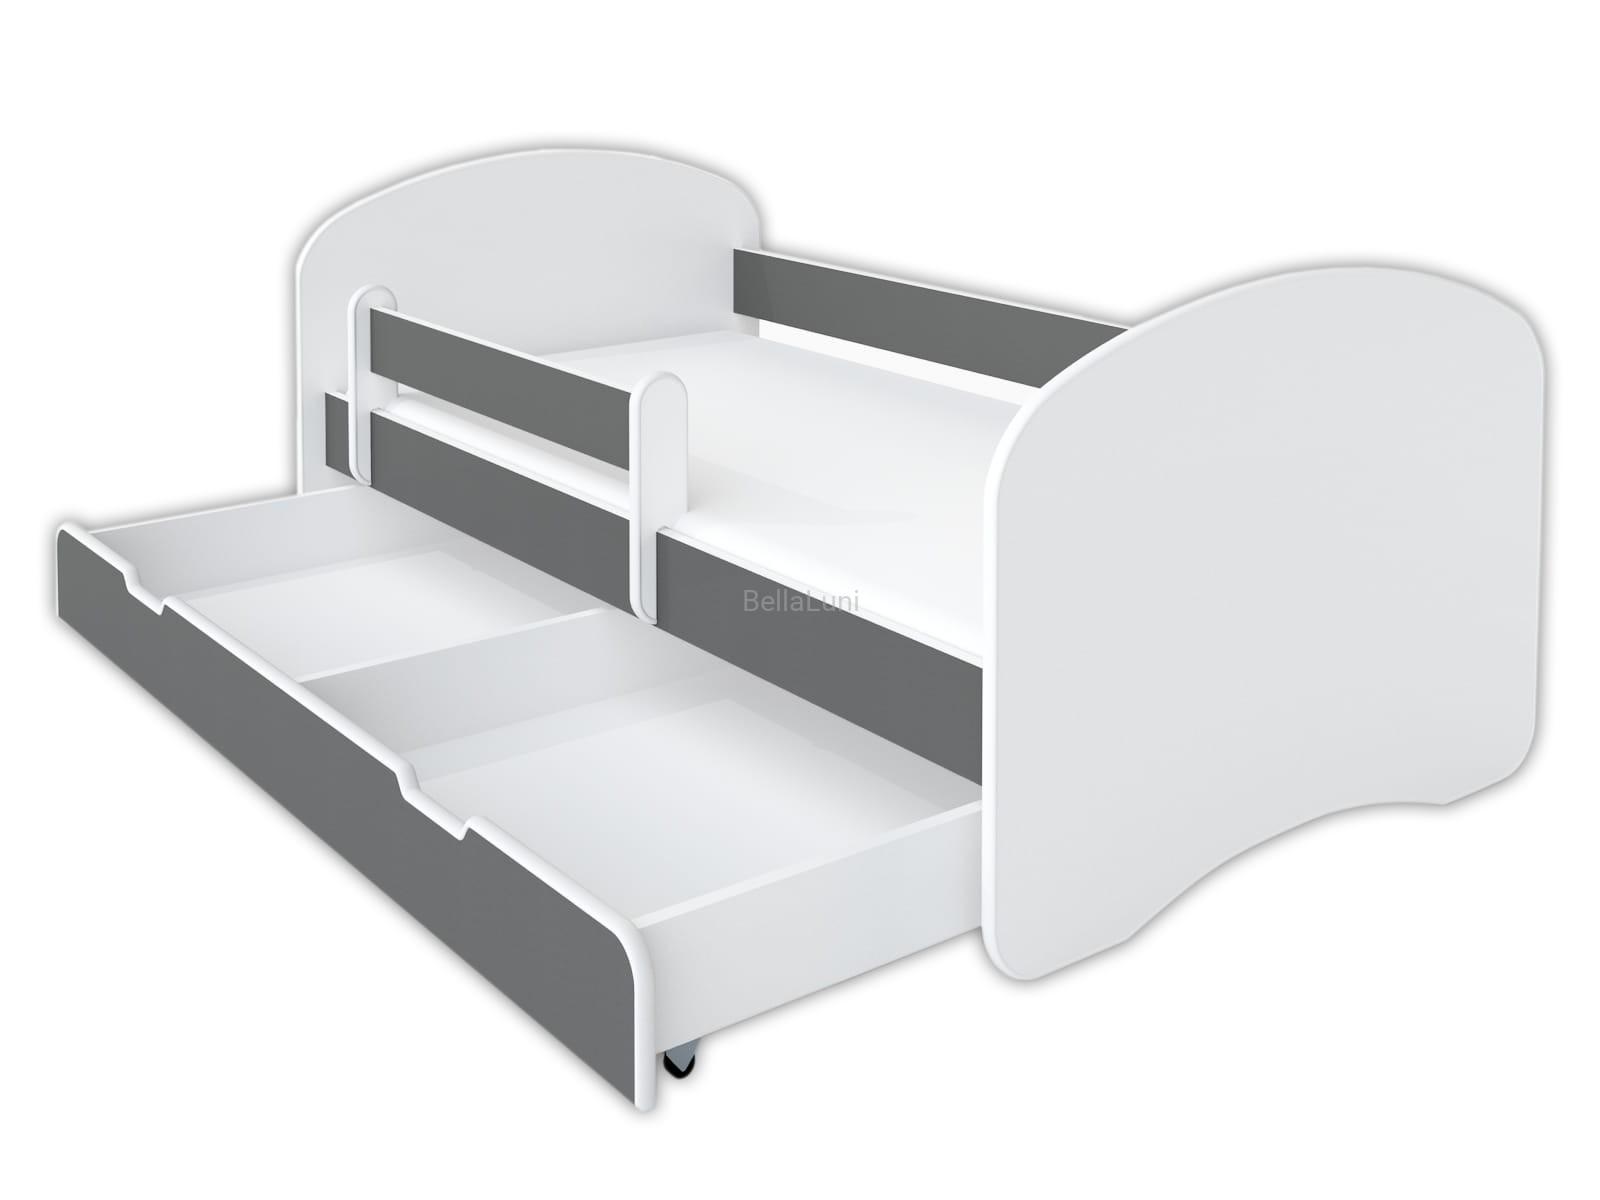 Szare łóżko Dla Dzieci Z Szufladą I Materacem Bellaluni